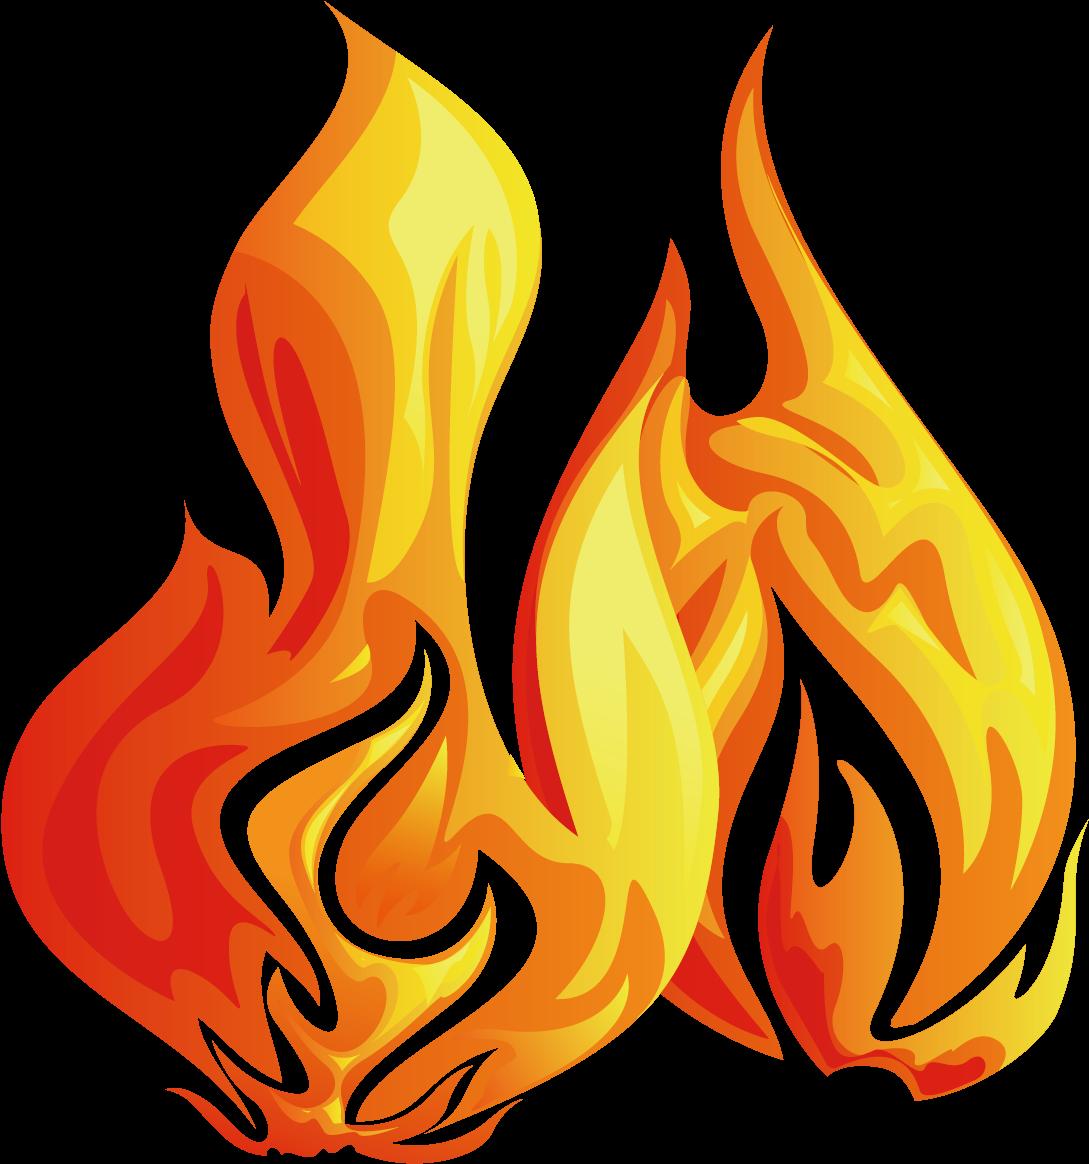 Картинки огня на рисованного